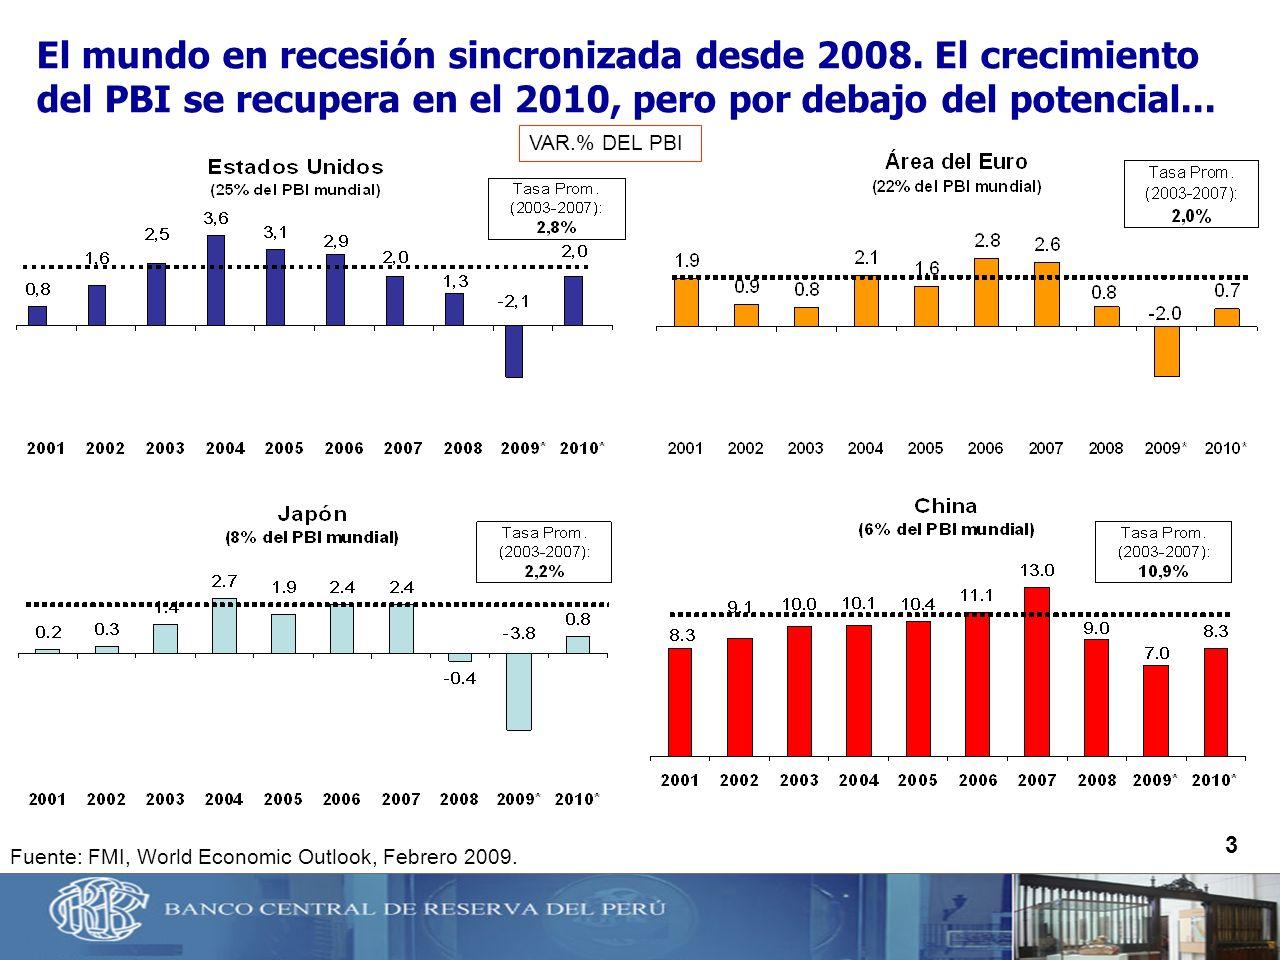 3 Fuente: FMI, World Economic Outlook, Febrero 2009. El mundo en recesión sincronizada desde 2008. El crecimiento del PBI se recupera en el 2010, pero